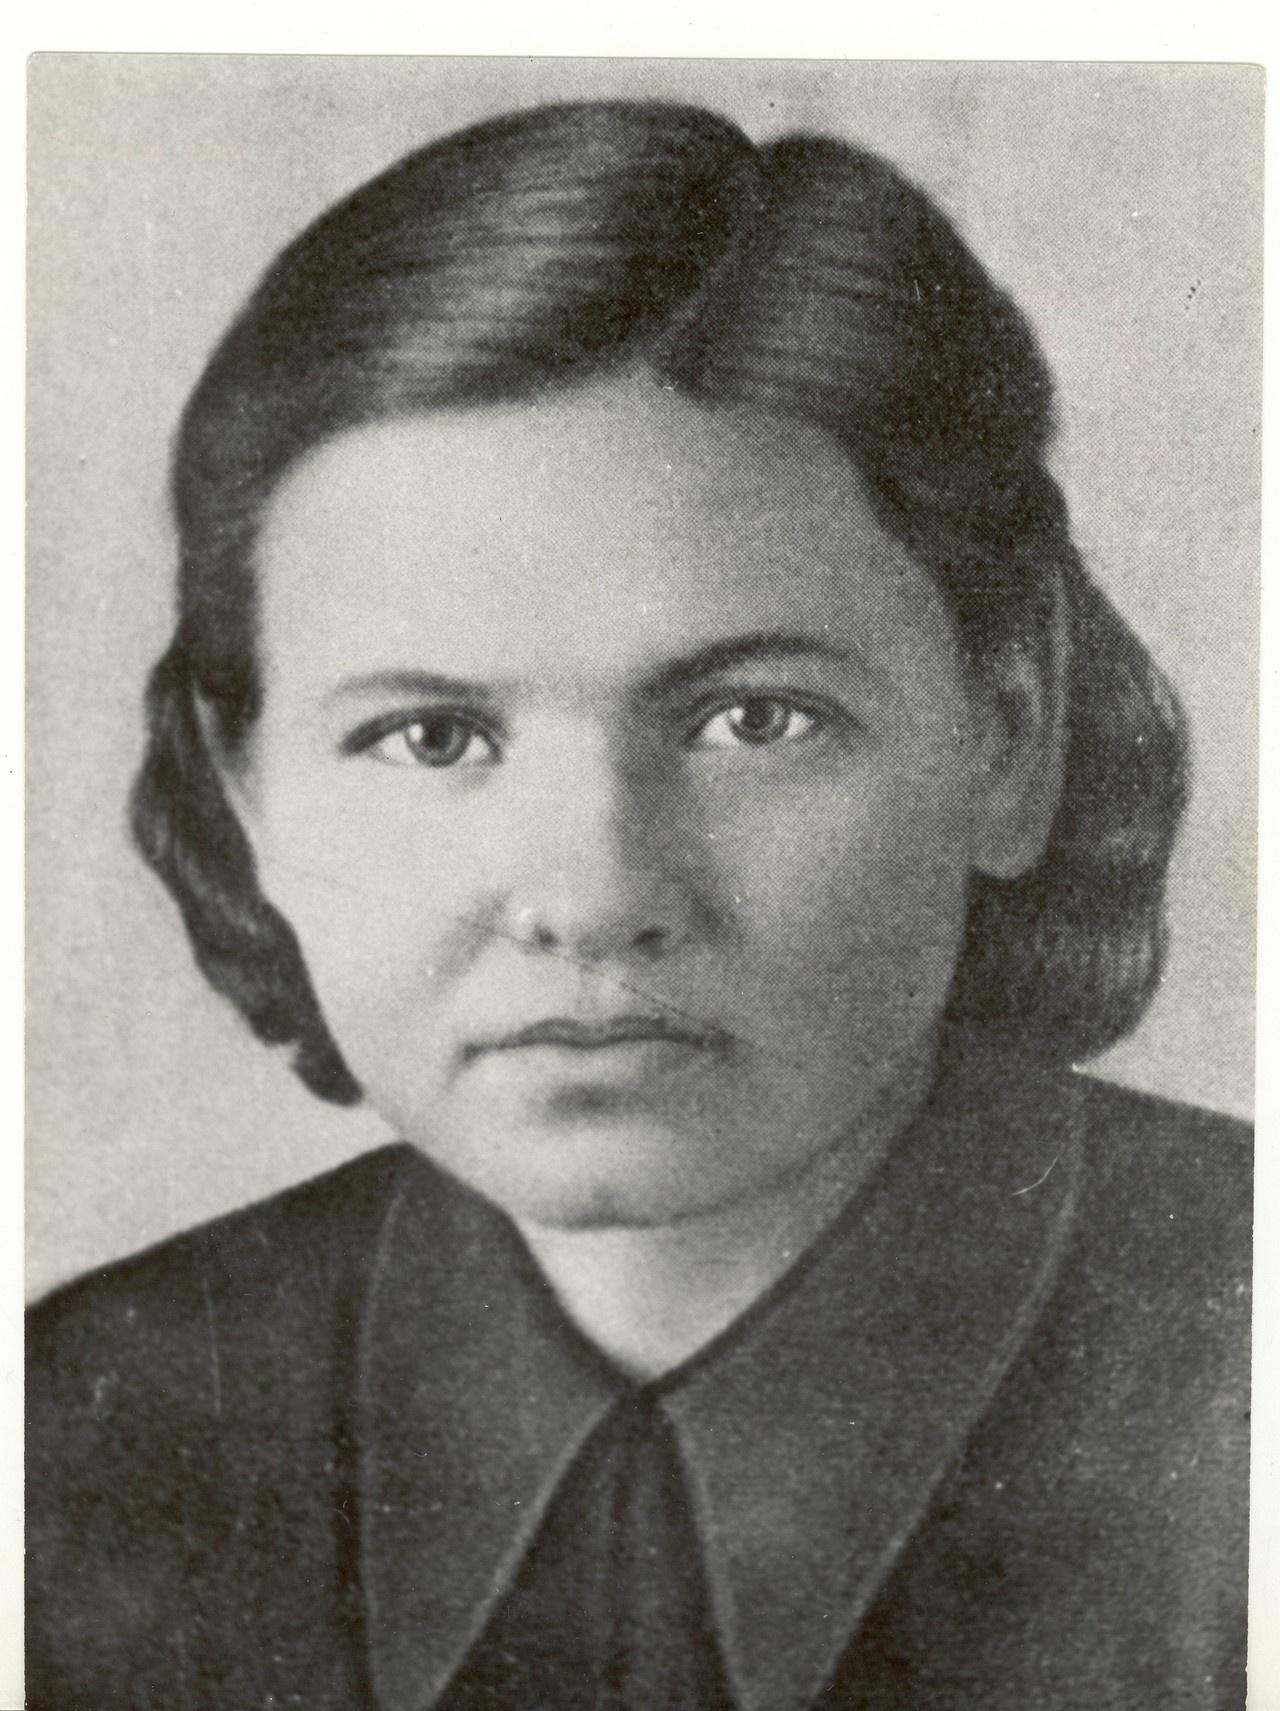 Е. Вологодская, радистка «майора Вихря» - Е. Березняка.